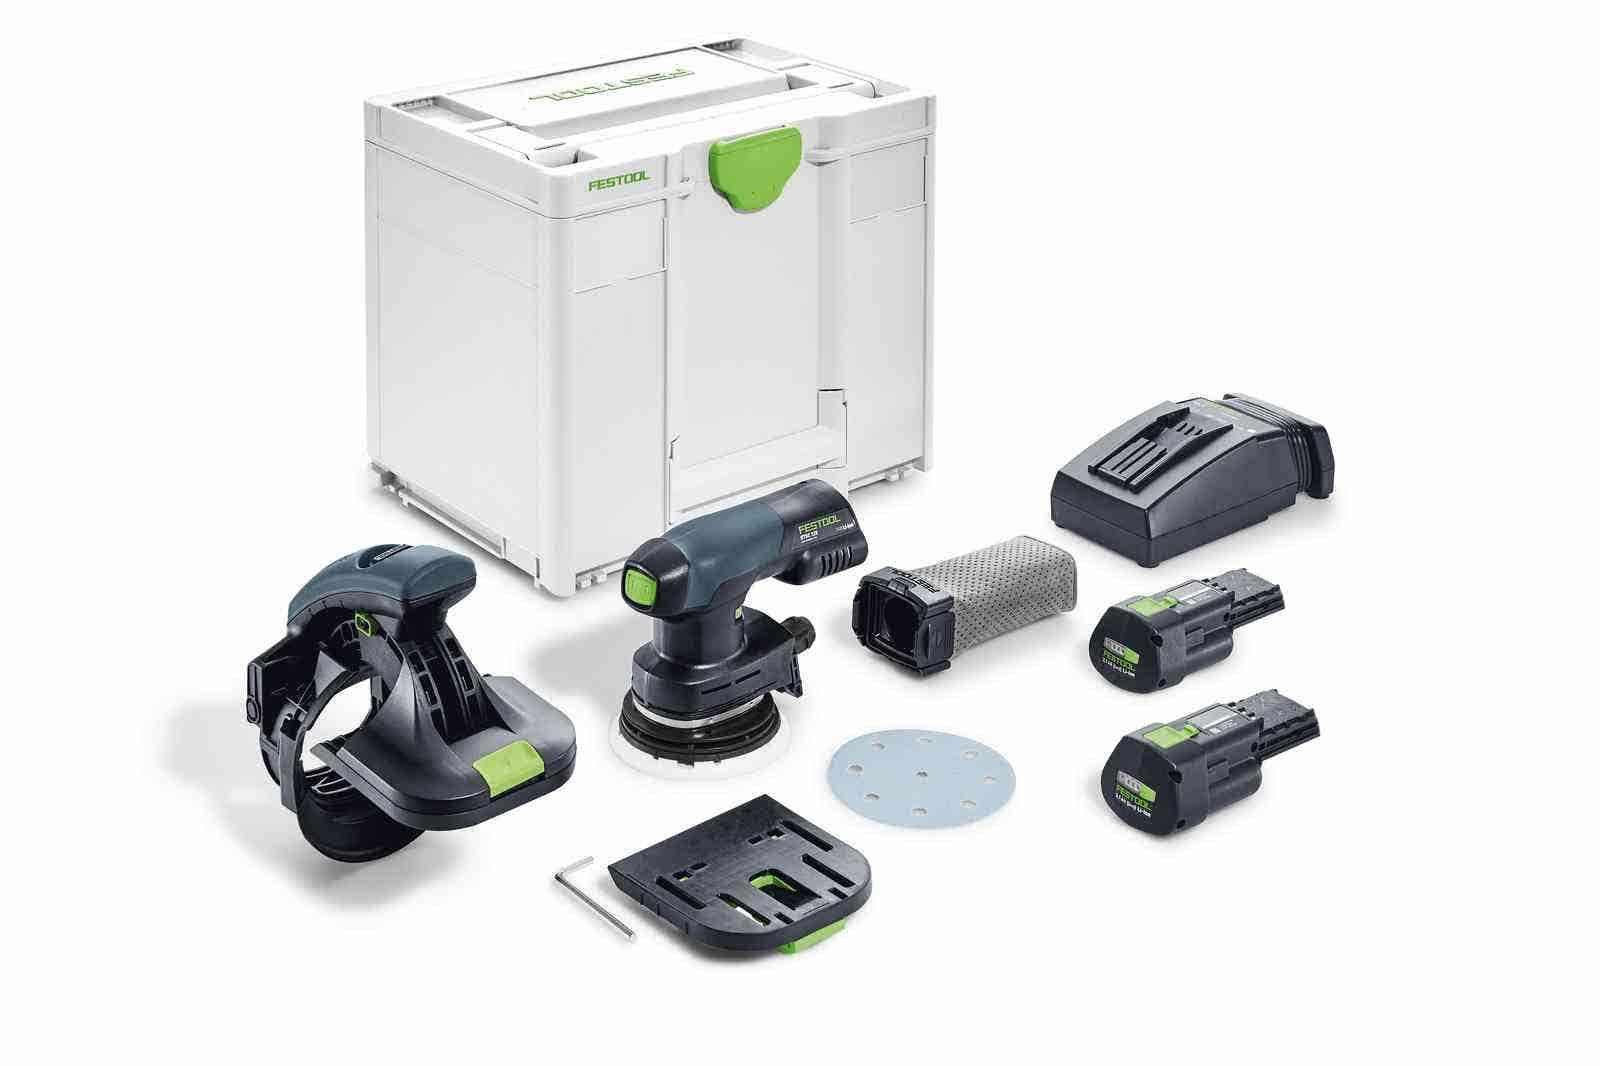 Festool Ponceuse de chants sans fil Es-Etsc 125 I-Plus + 2 batteries 3.1Ah + chargeur rapide + systainer